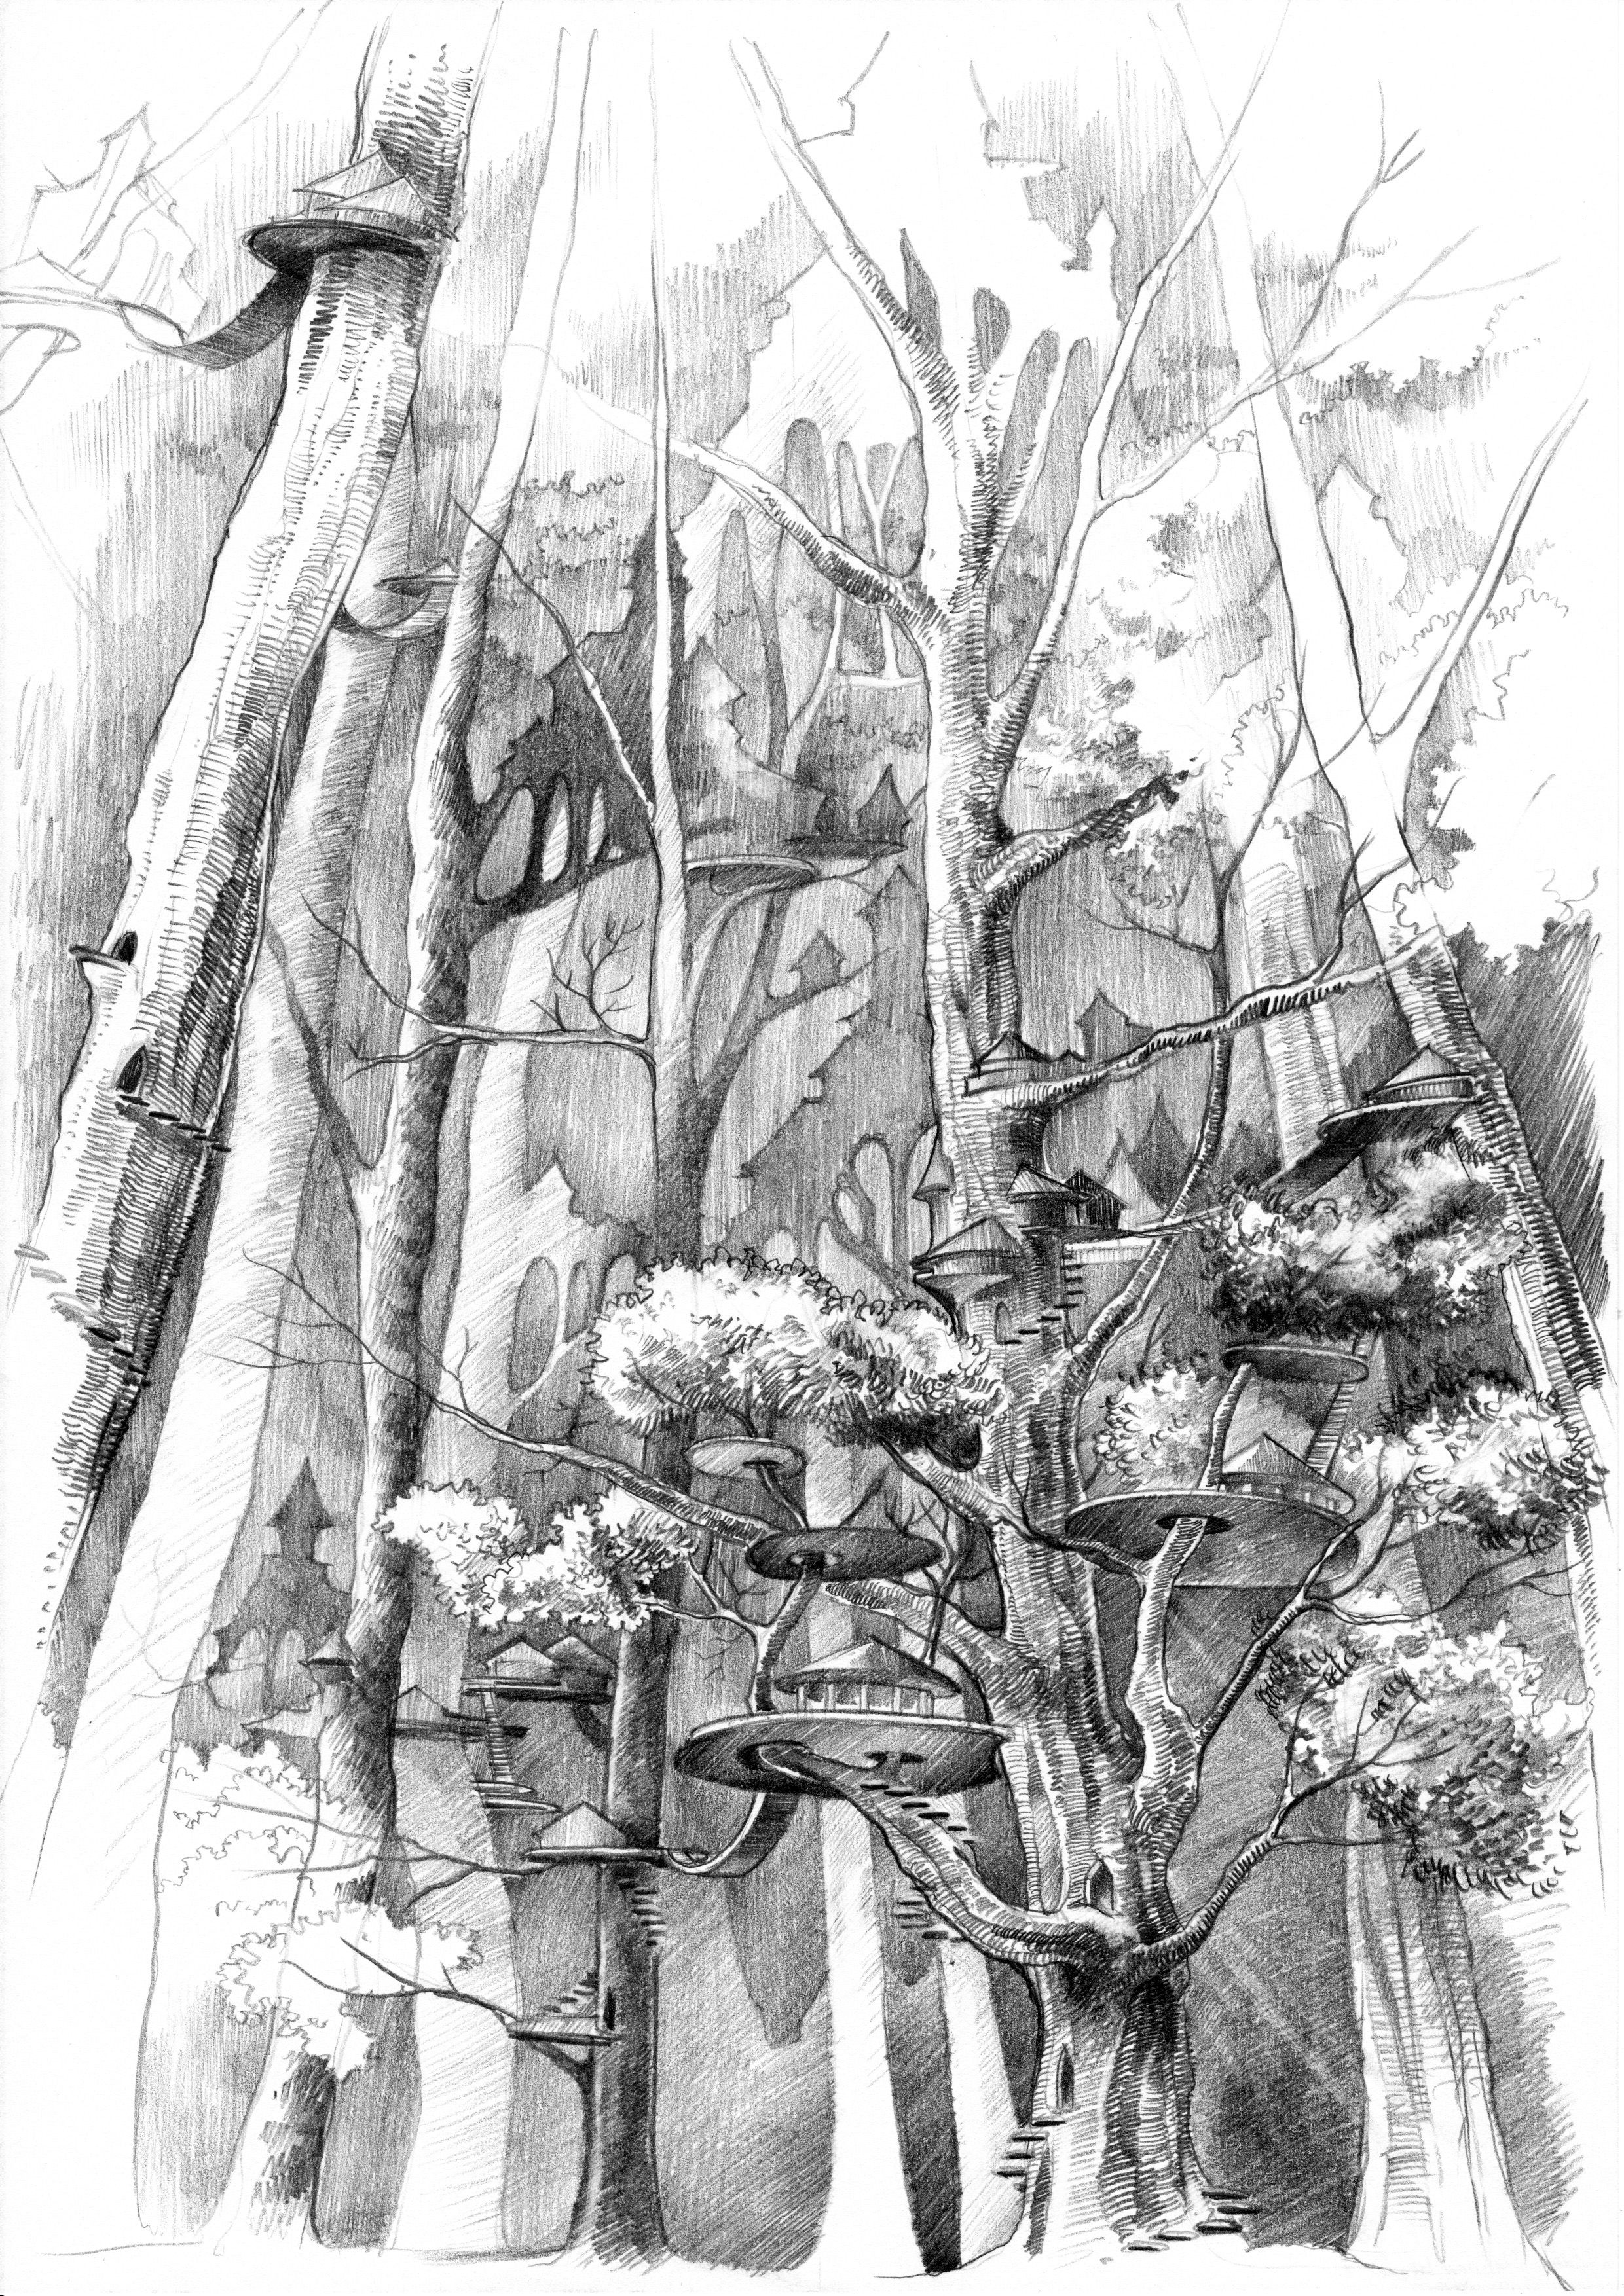 pencil #drawing by #malinowska #minkulul of Ferrun, an #elf